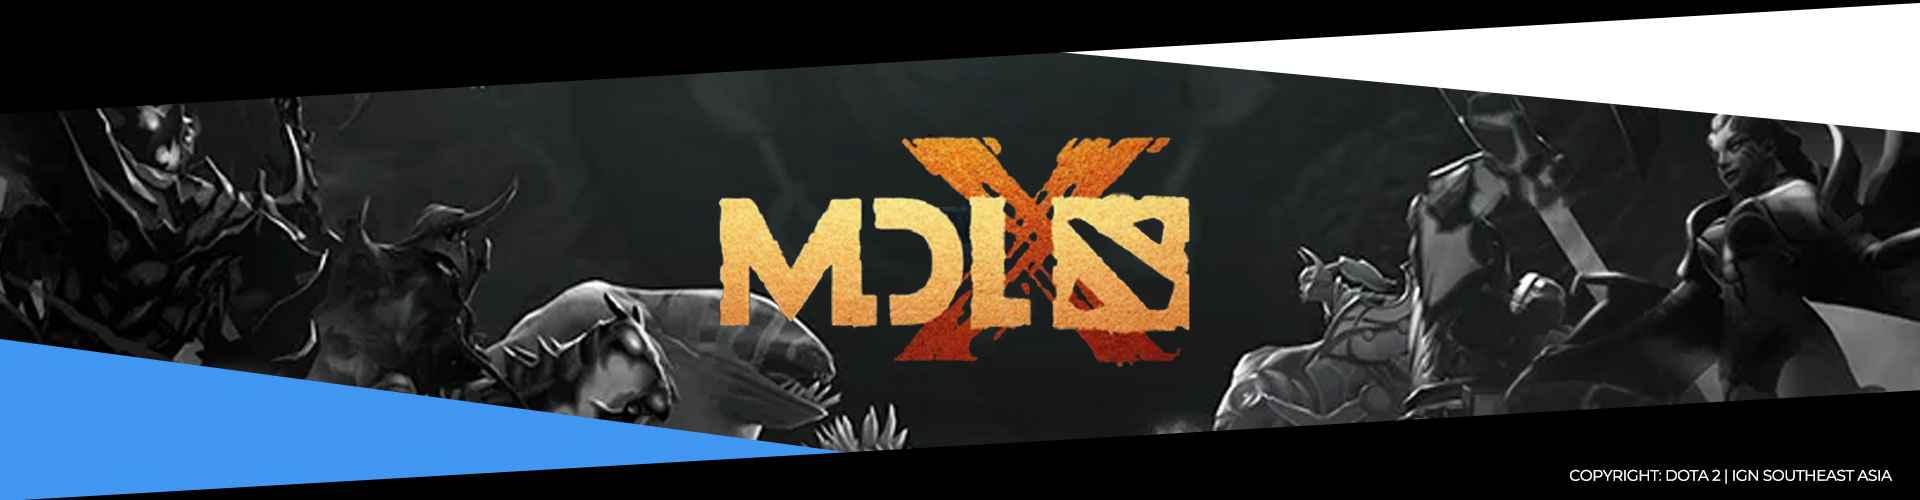 MDL Chengdu Major börjar imorgon och vi tar tempen på lagen!